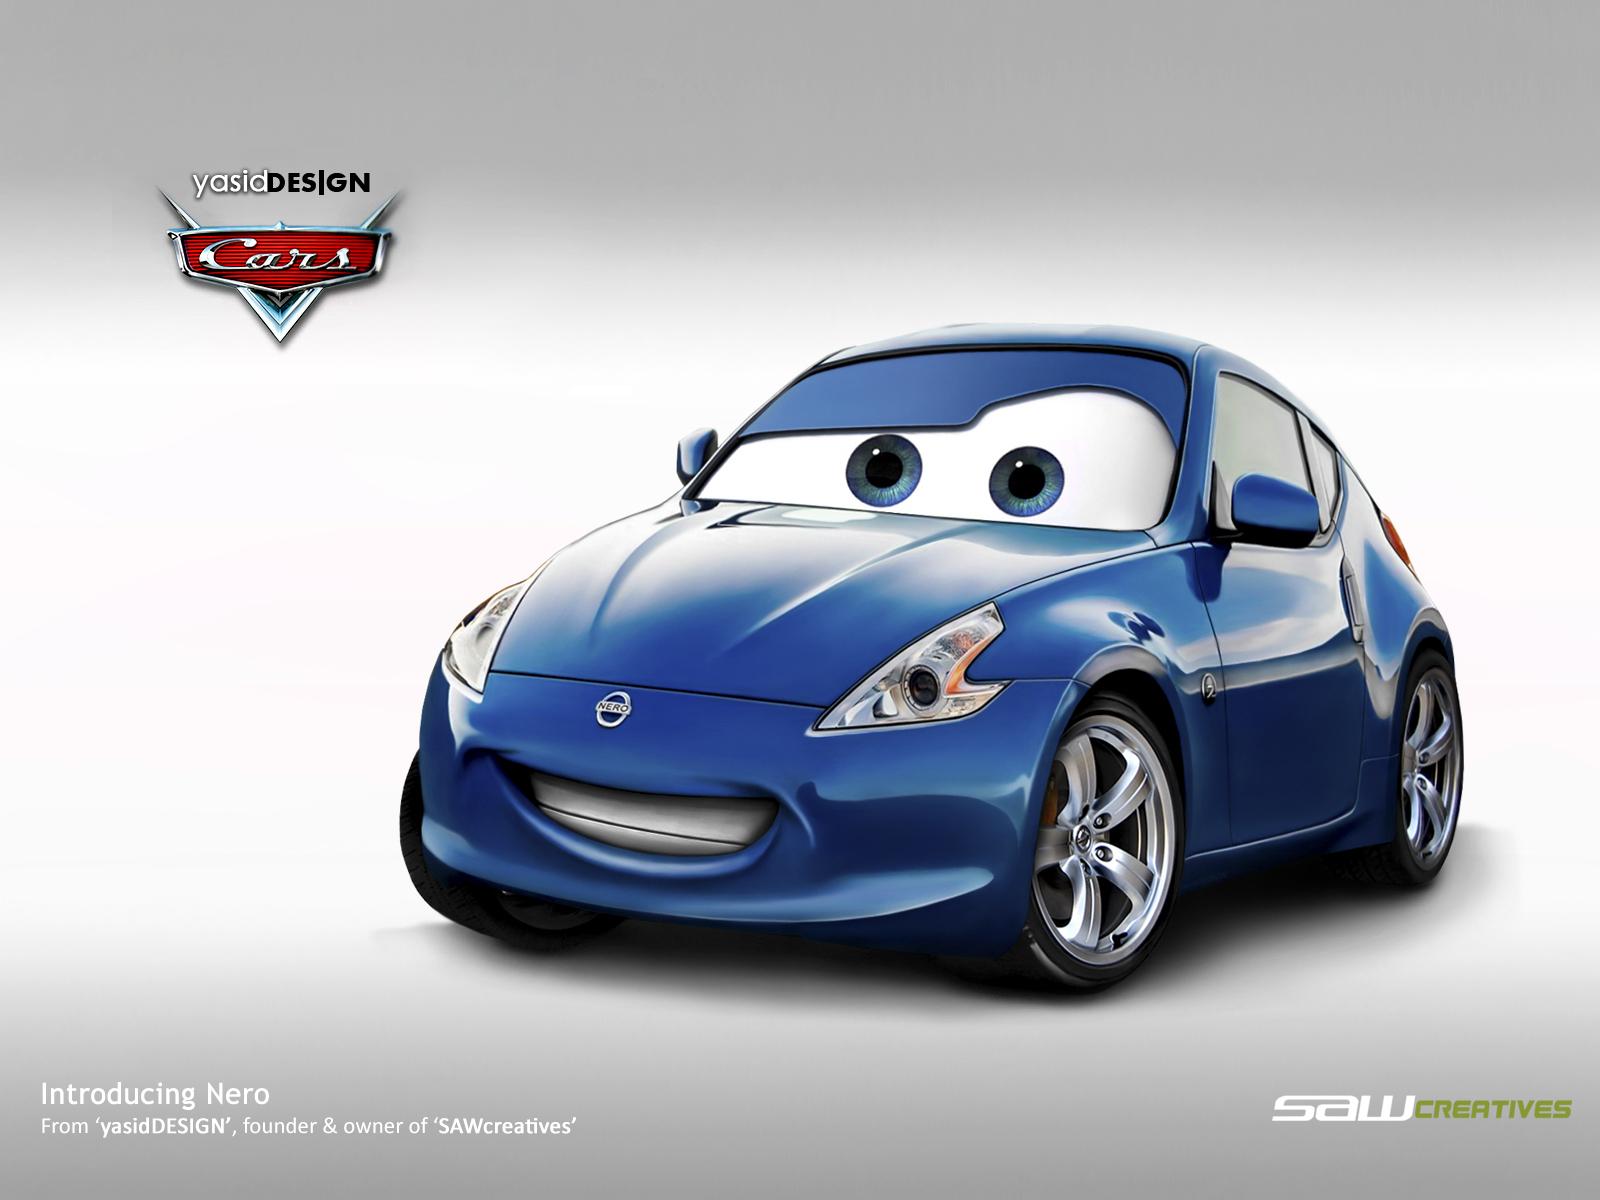 http://2.bp.blogspot.com/-sKpRrRBhJ_M/TixTW_kNb5I/AAAAAAAAAIE/e6bqTjjS1ro/s1600/Cars+Disney+Wallpapers+6.jpg